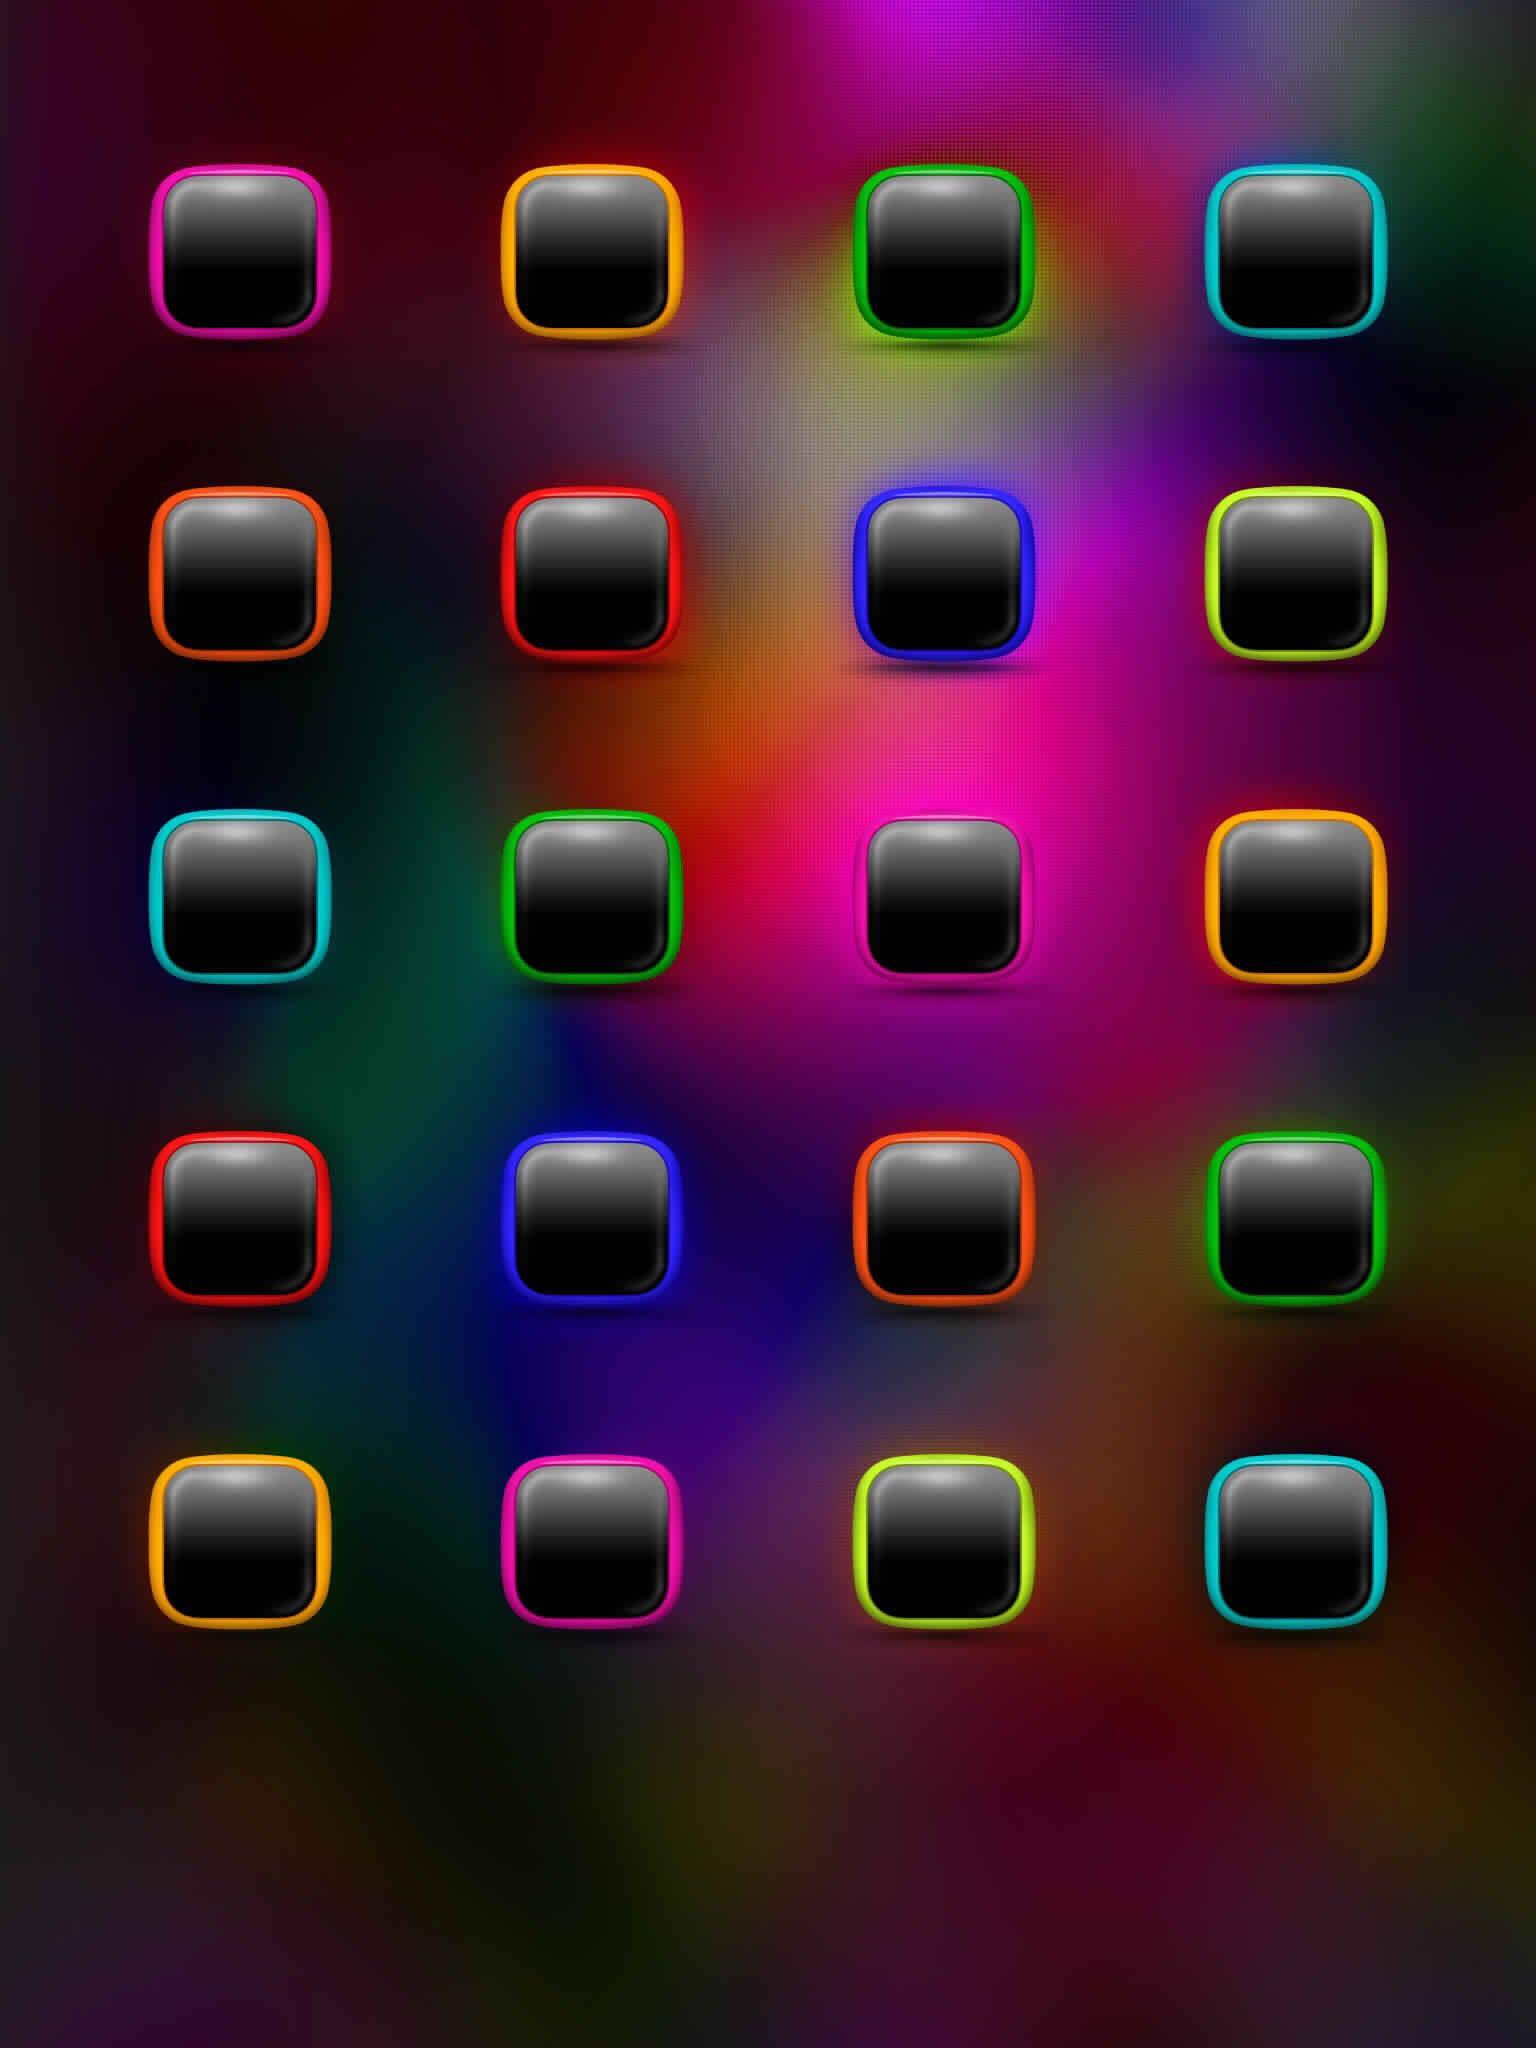 best wallpapers app for ipad wallpaperpulse